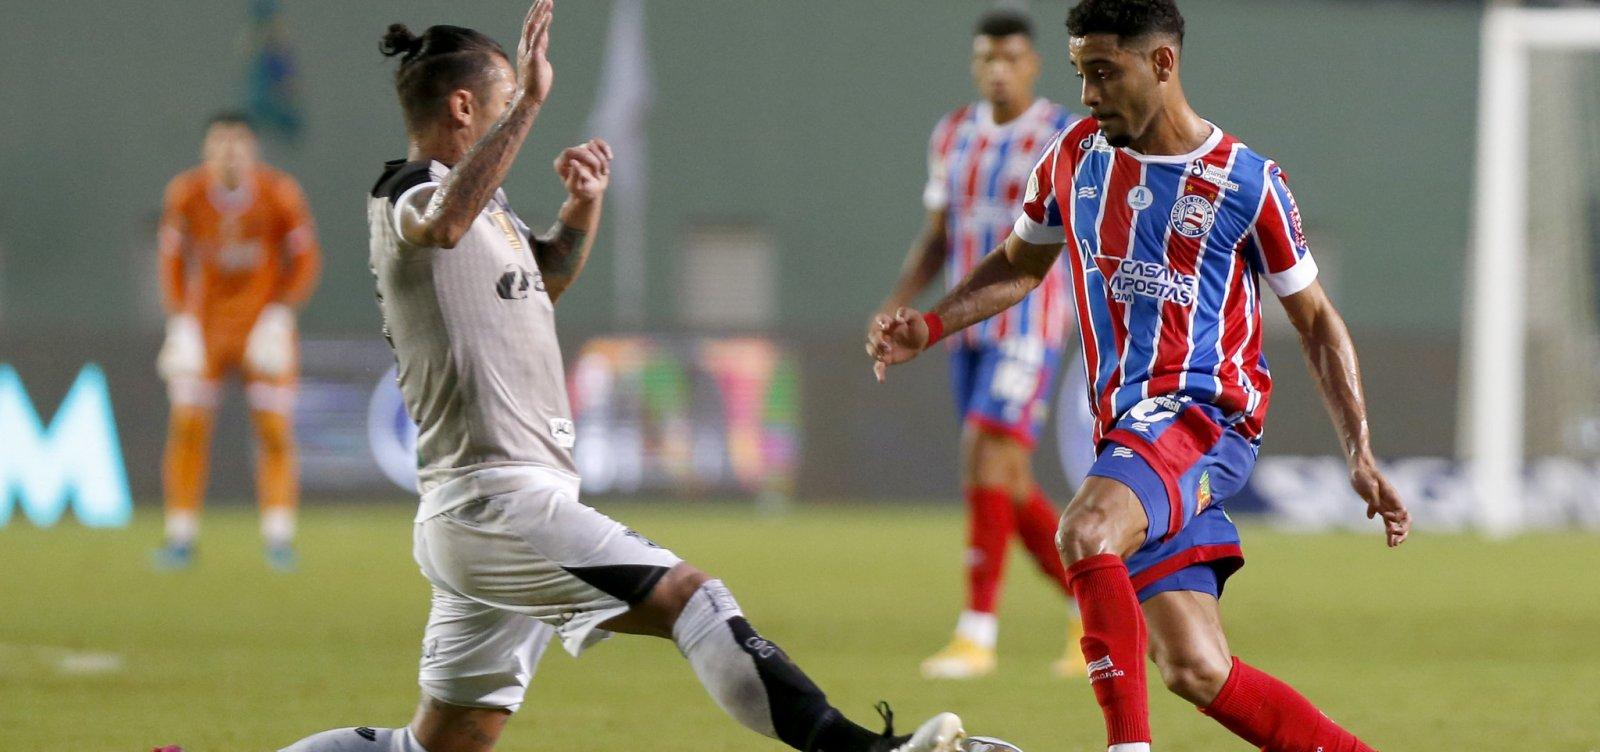 Copa do Nordeste: Ceará vence Bahia por 1 a 0 e se aproxima do tricampeonato